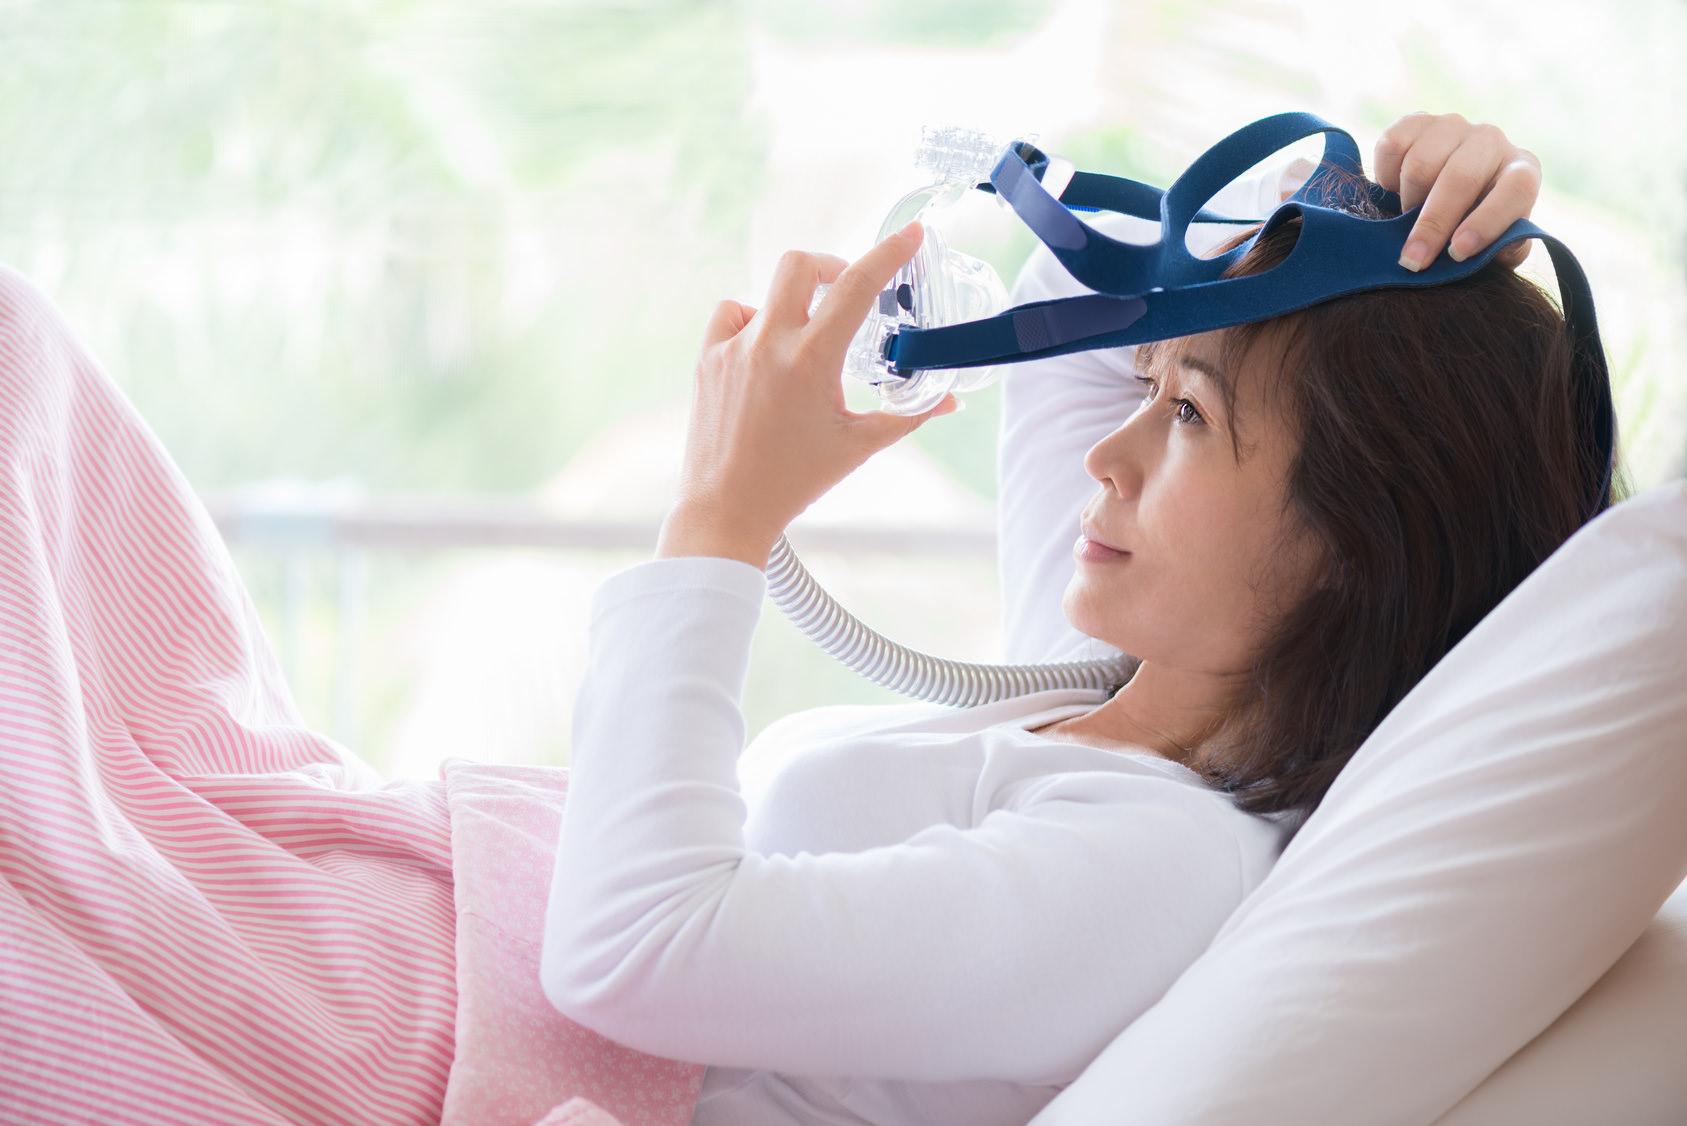 super pas cher se compare à extrêmement unique le plus en vogue L'apnée du sommeil chez la femme : quelles particularités ...